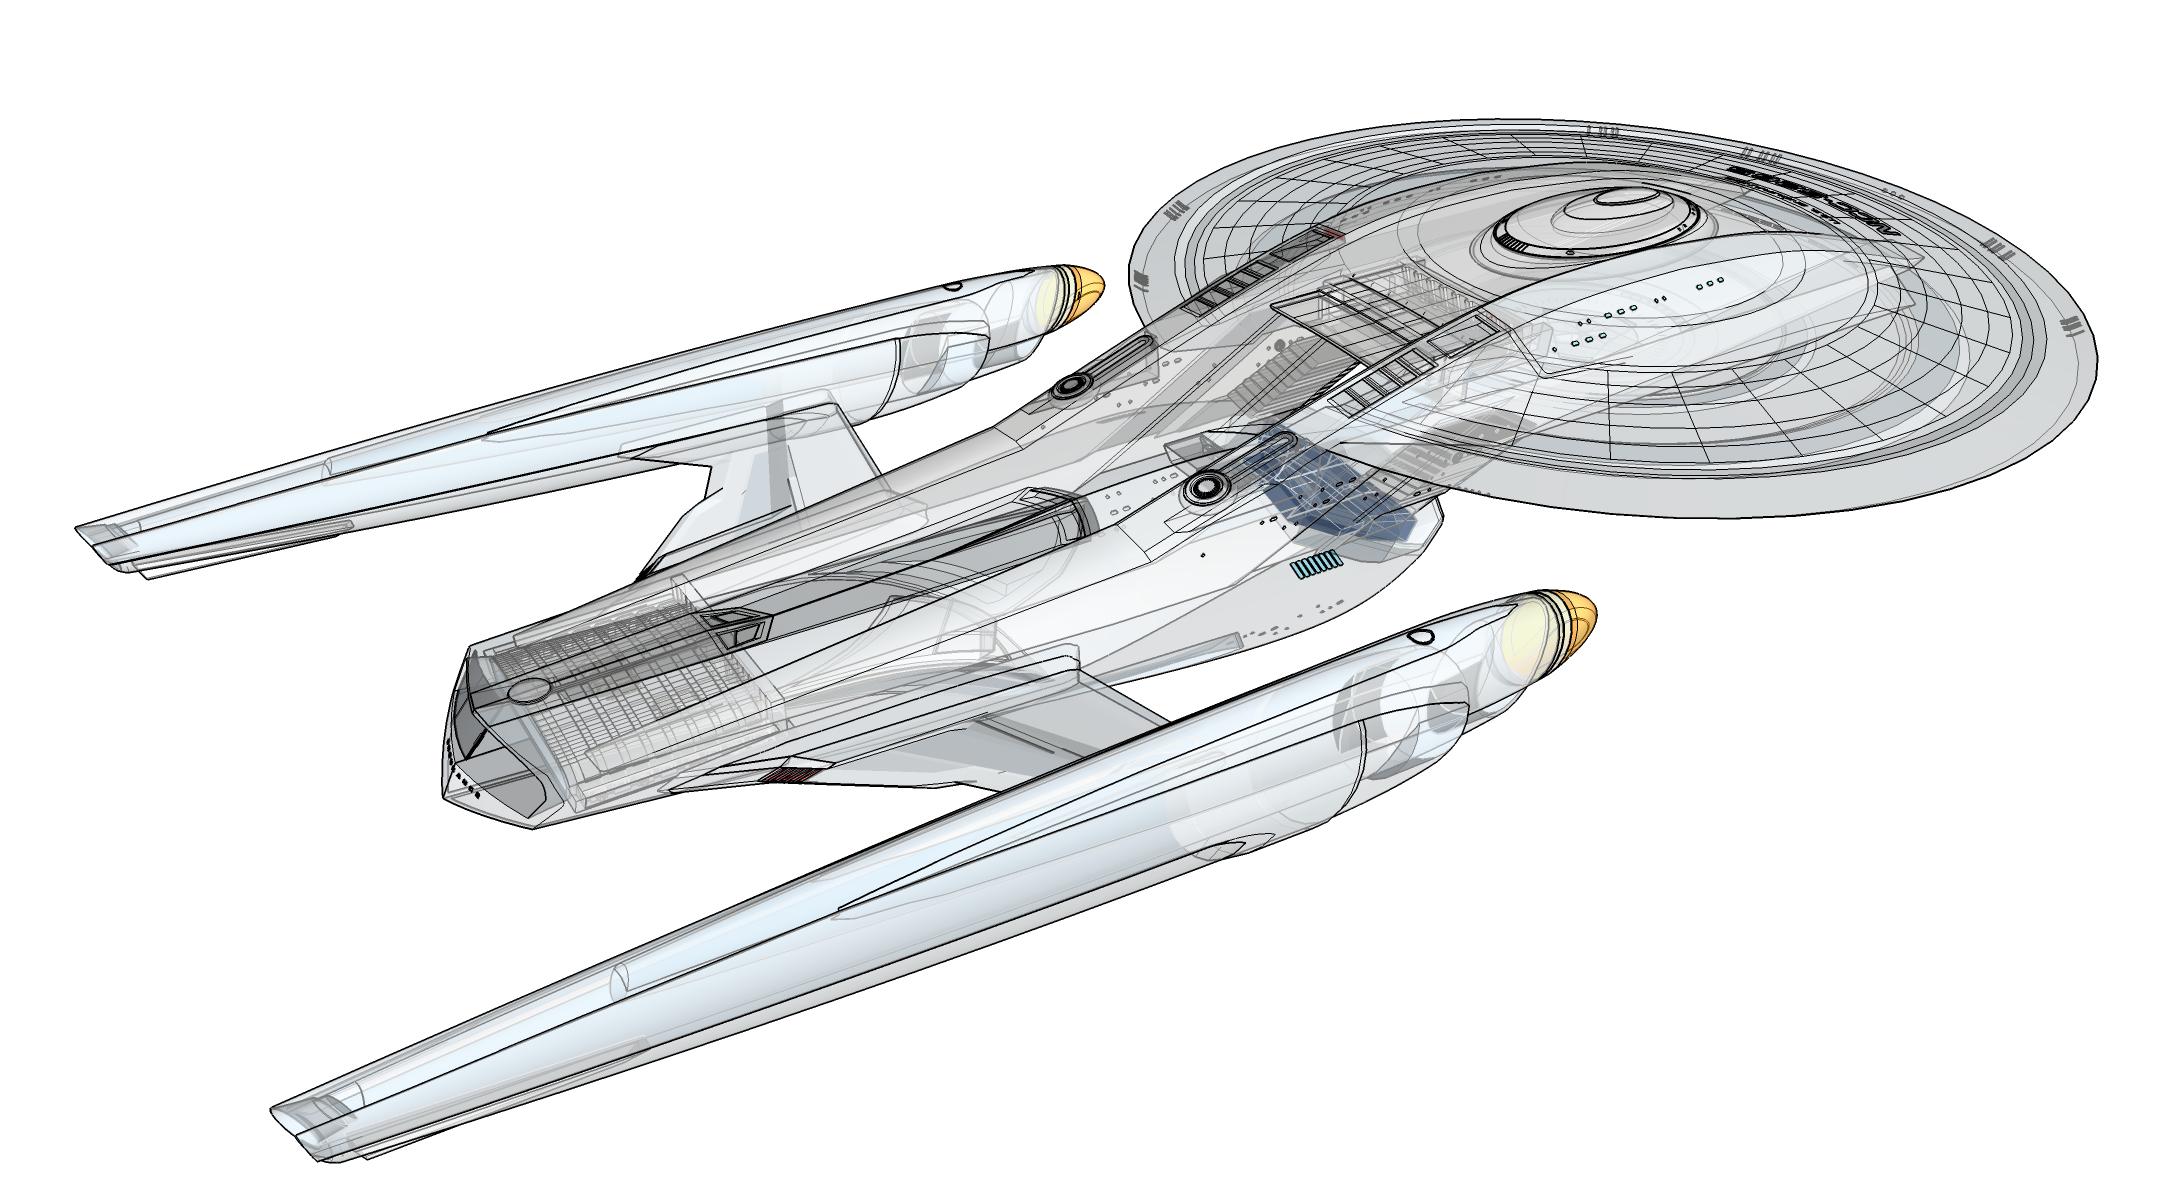 Endurance Wireframe Star Trek Ships Star Trek Starships Star Trek Universe